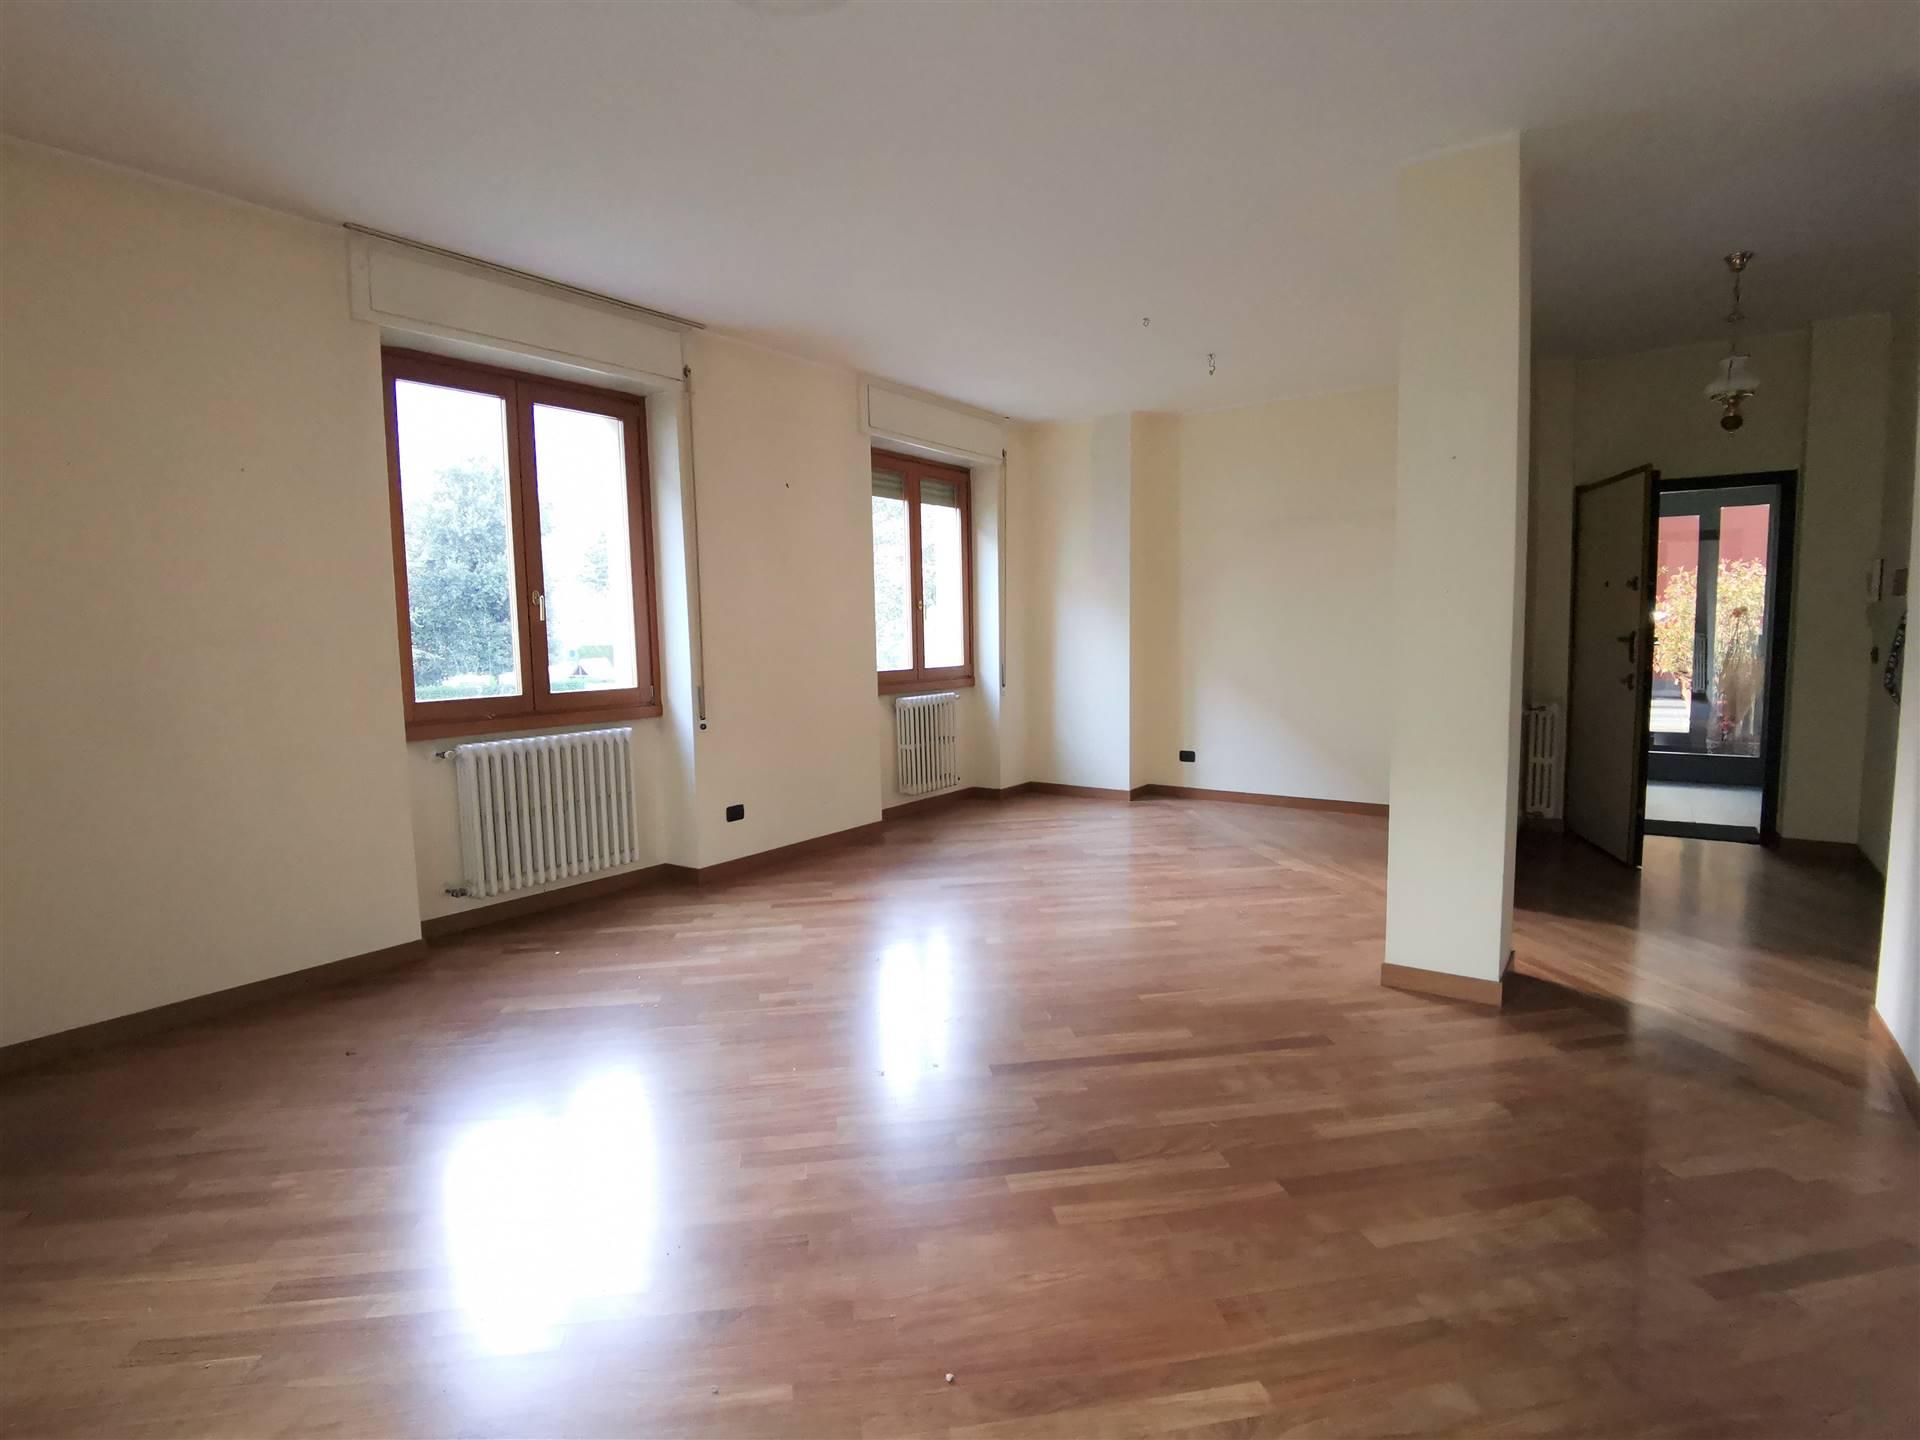 Appartamento in affitto a Sondrio, 5 locali, prezzo € 600 | PortaleAgenzieImmobiliari.it